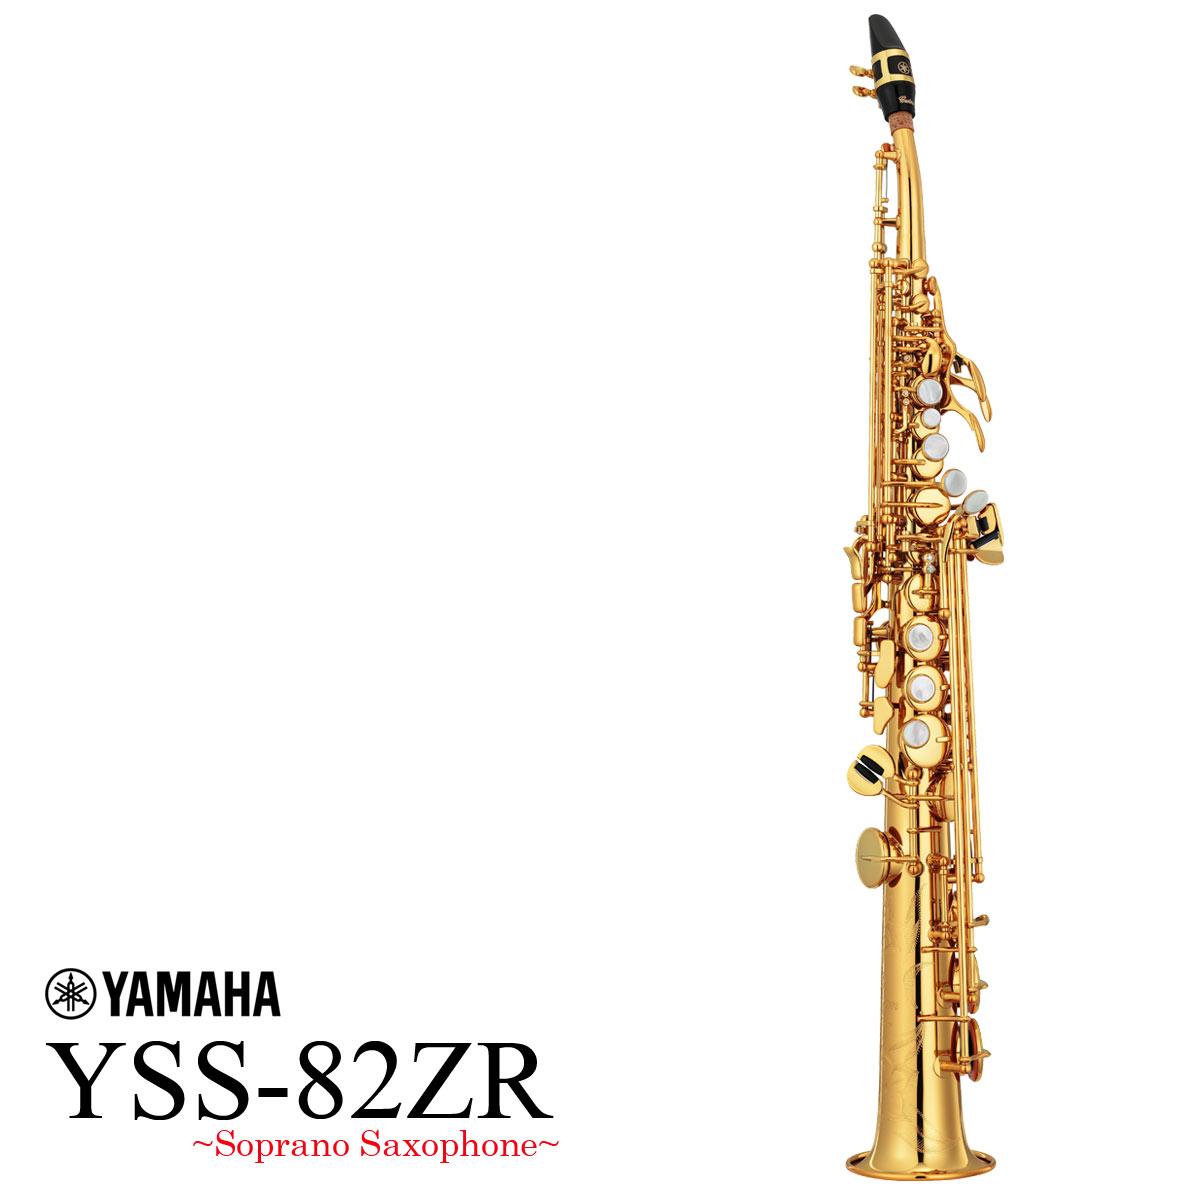 【タイムセール:29日12時まで】【在庫あり】YAMAHA / YSS-82ZR ヤマハ ソプラノサックス カスタムモデル カーブドネック 日本製《5年保証》【送料無料】